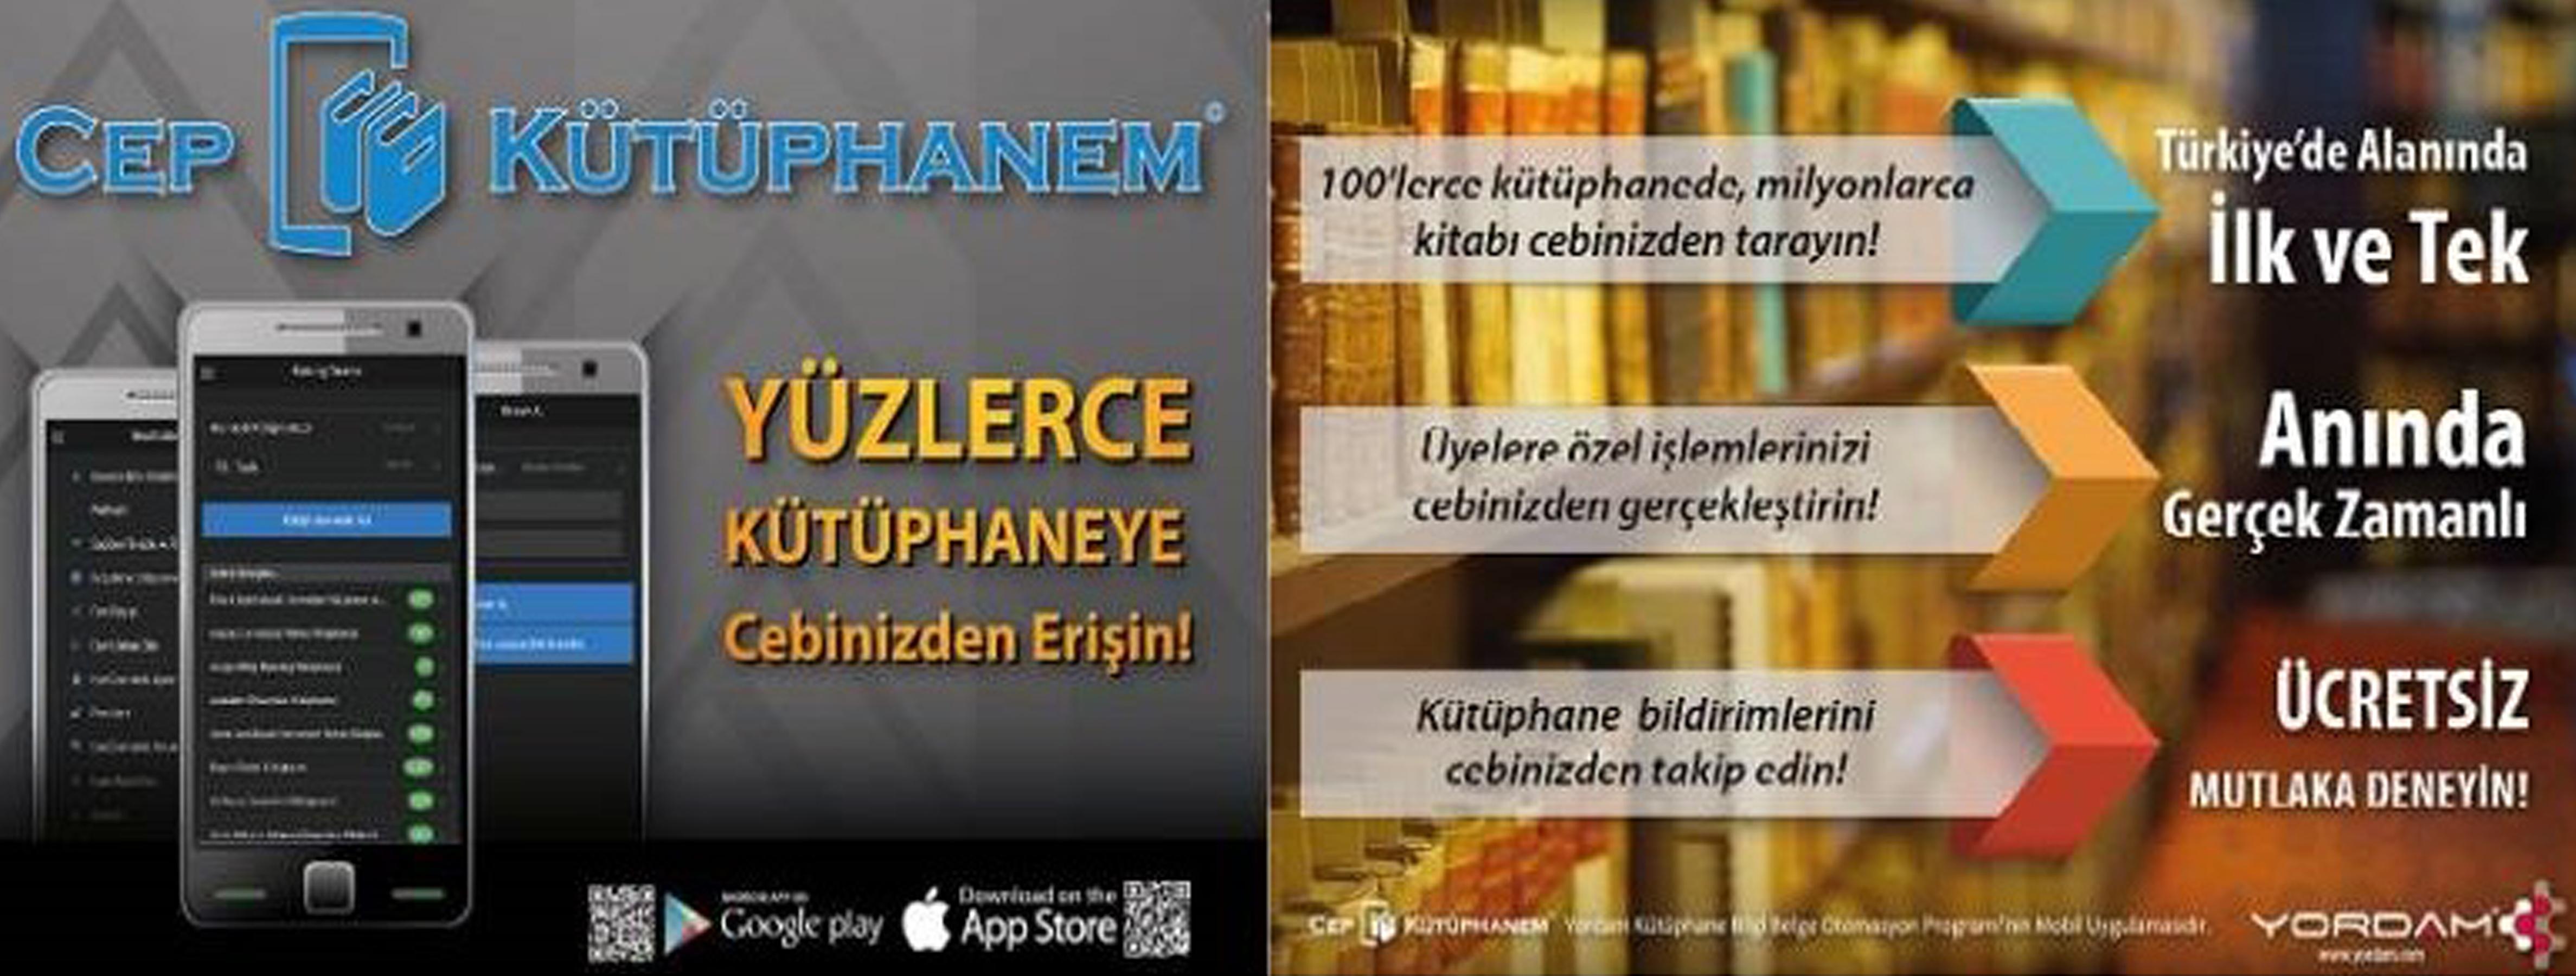 cep-kütüphanem-3